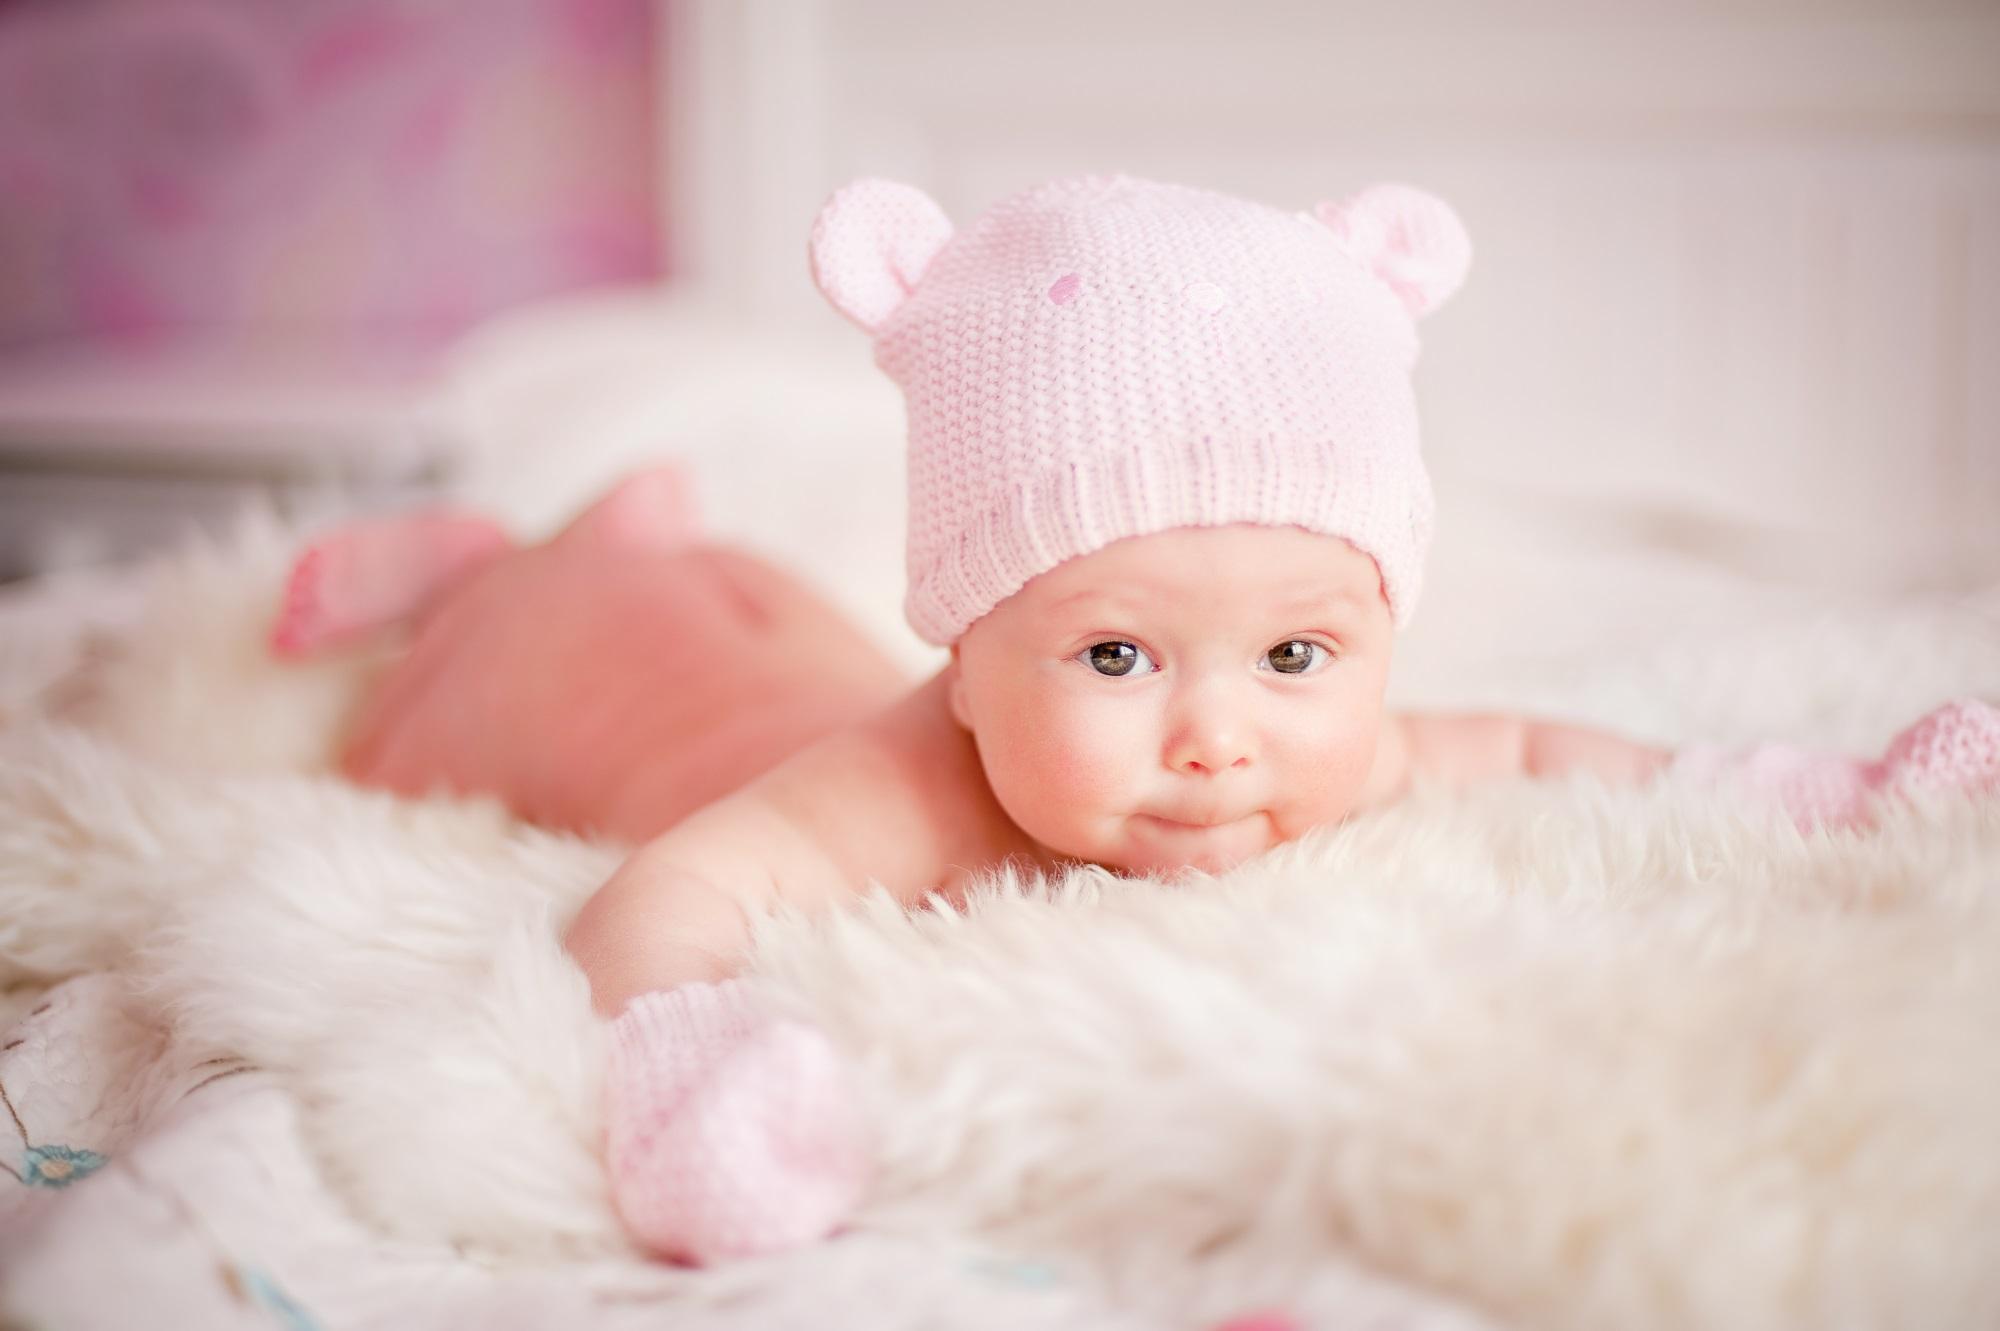 ¿Qué le regalo a un recién nacido?